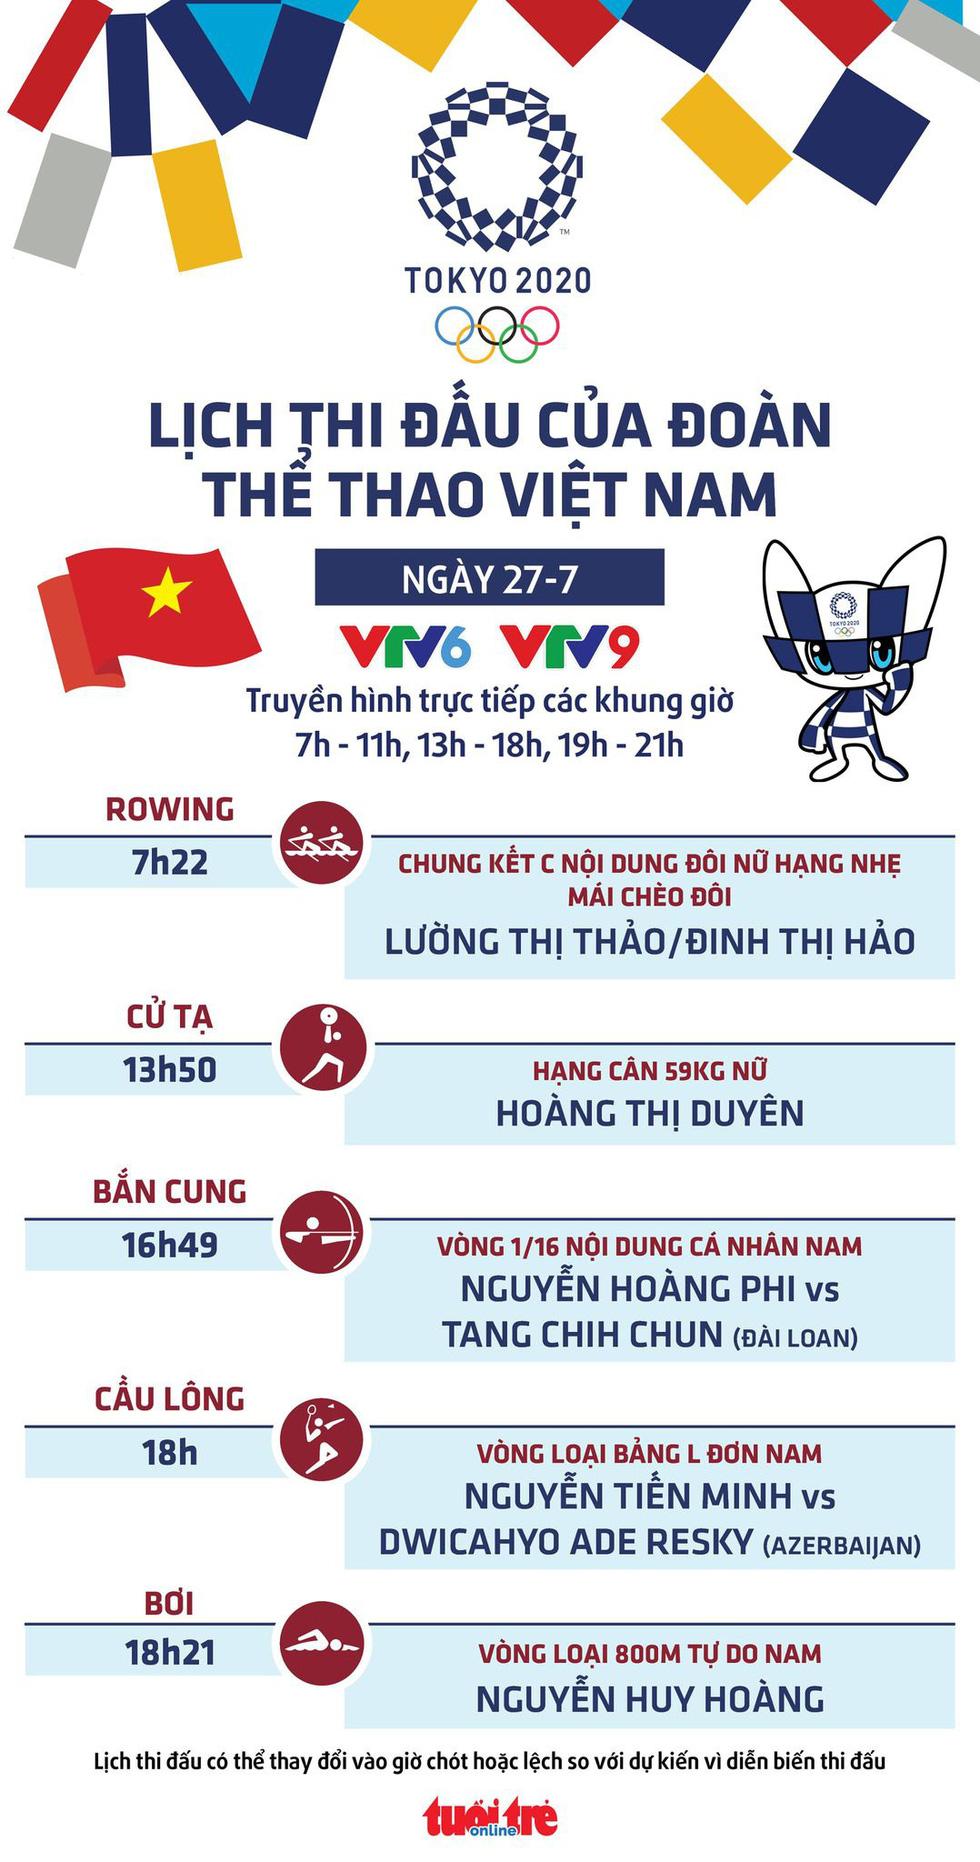 Lịch thi đấu ngày 27-7 của đoàn thể thao Việt Nam tại Olympic 2020: Huy Hoàng xuất trận - Ảnh 1.